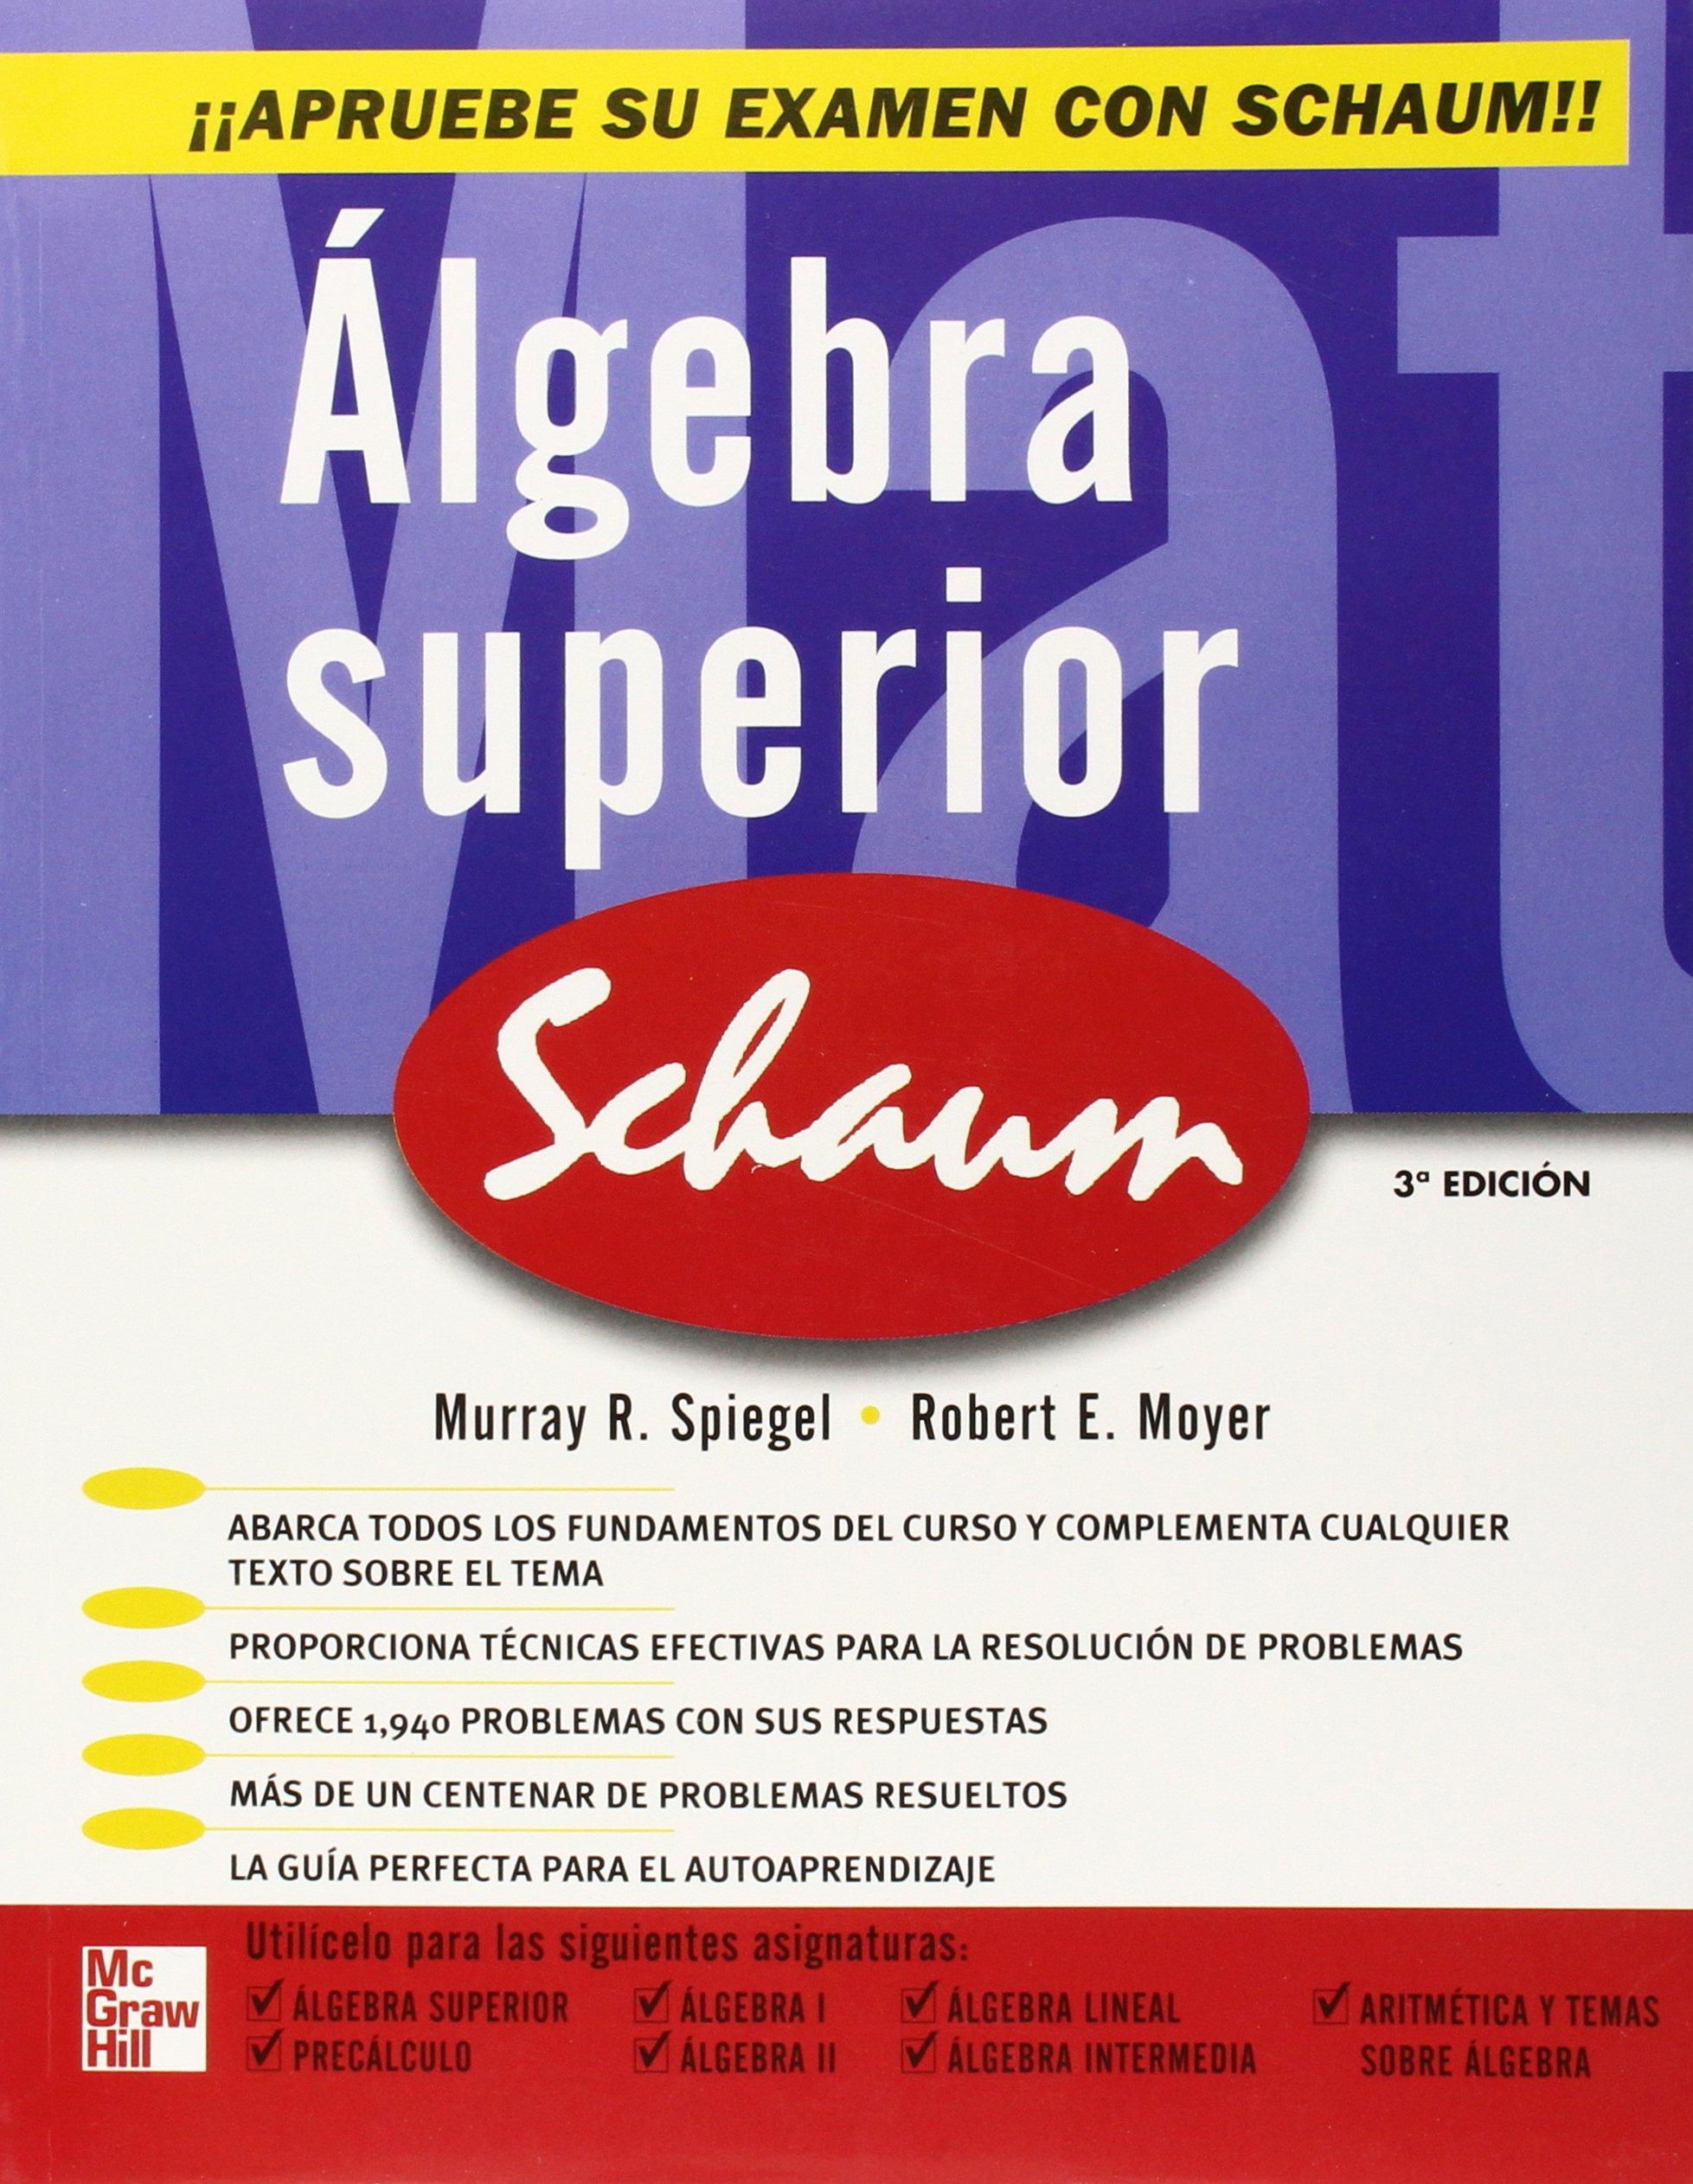 ALGEBRA SUPERIOR - MURRAY SPIEGEL 91HSYEEhmfL